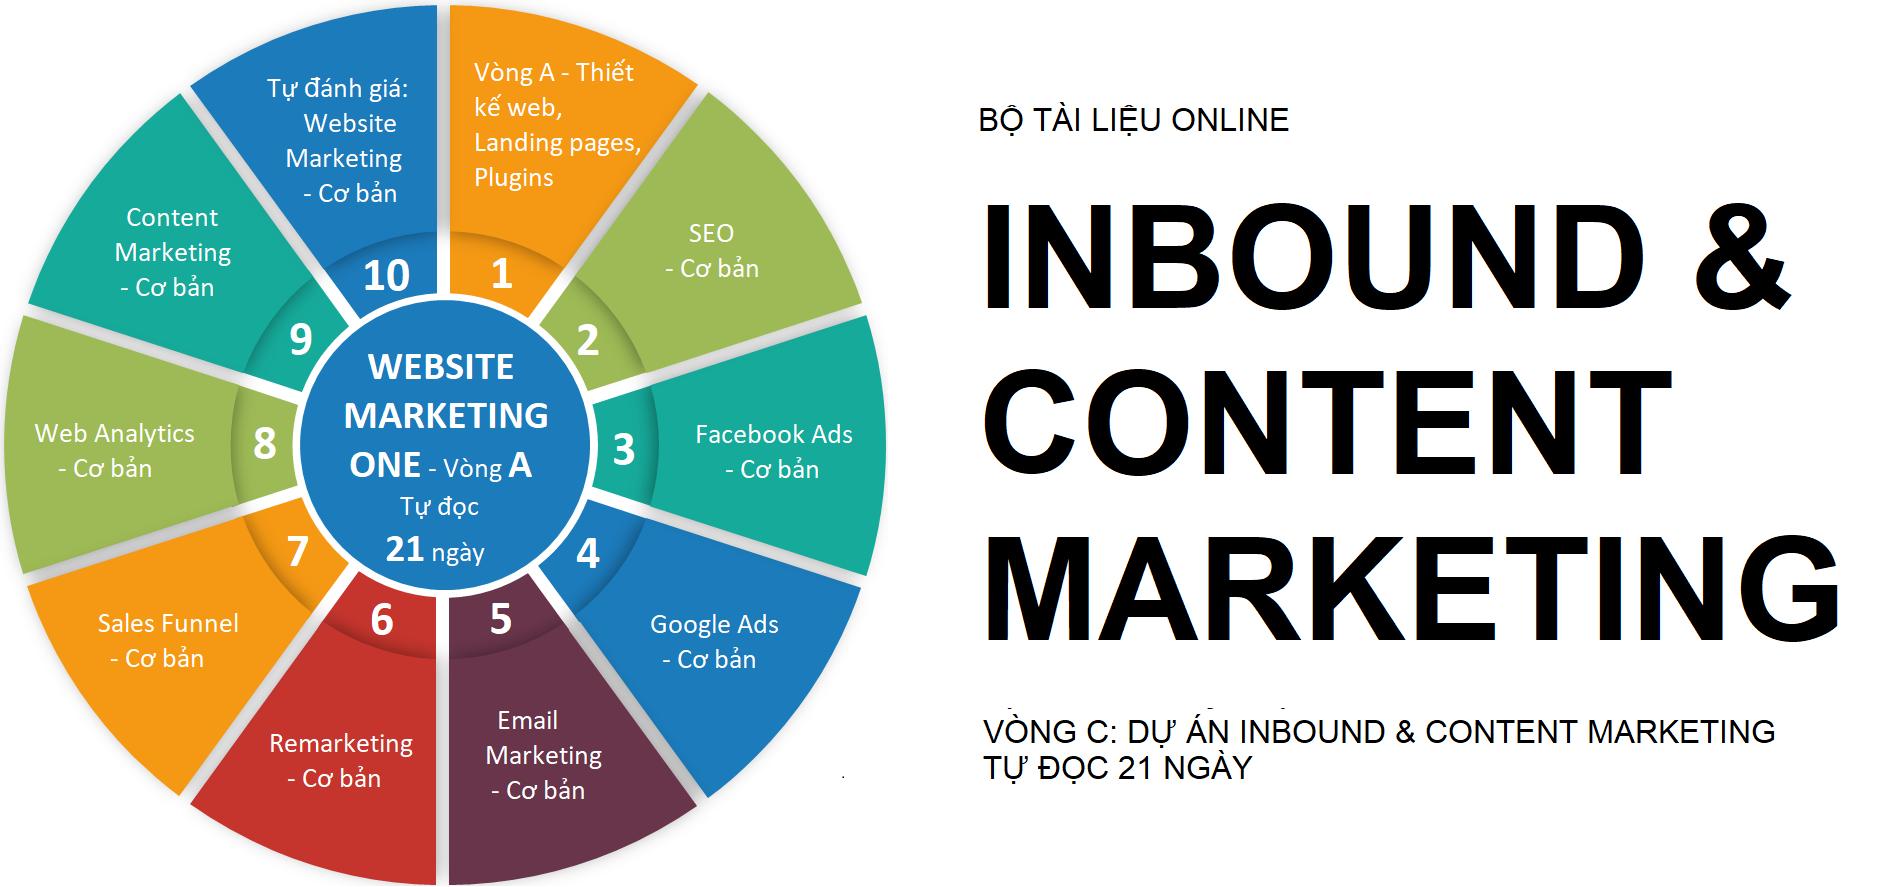 Inbound & Content Marketing, Vòng C